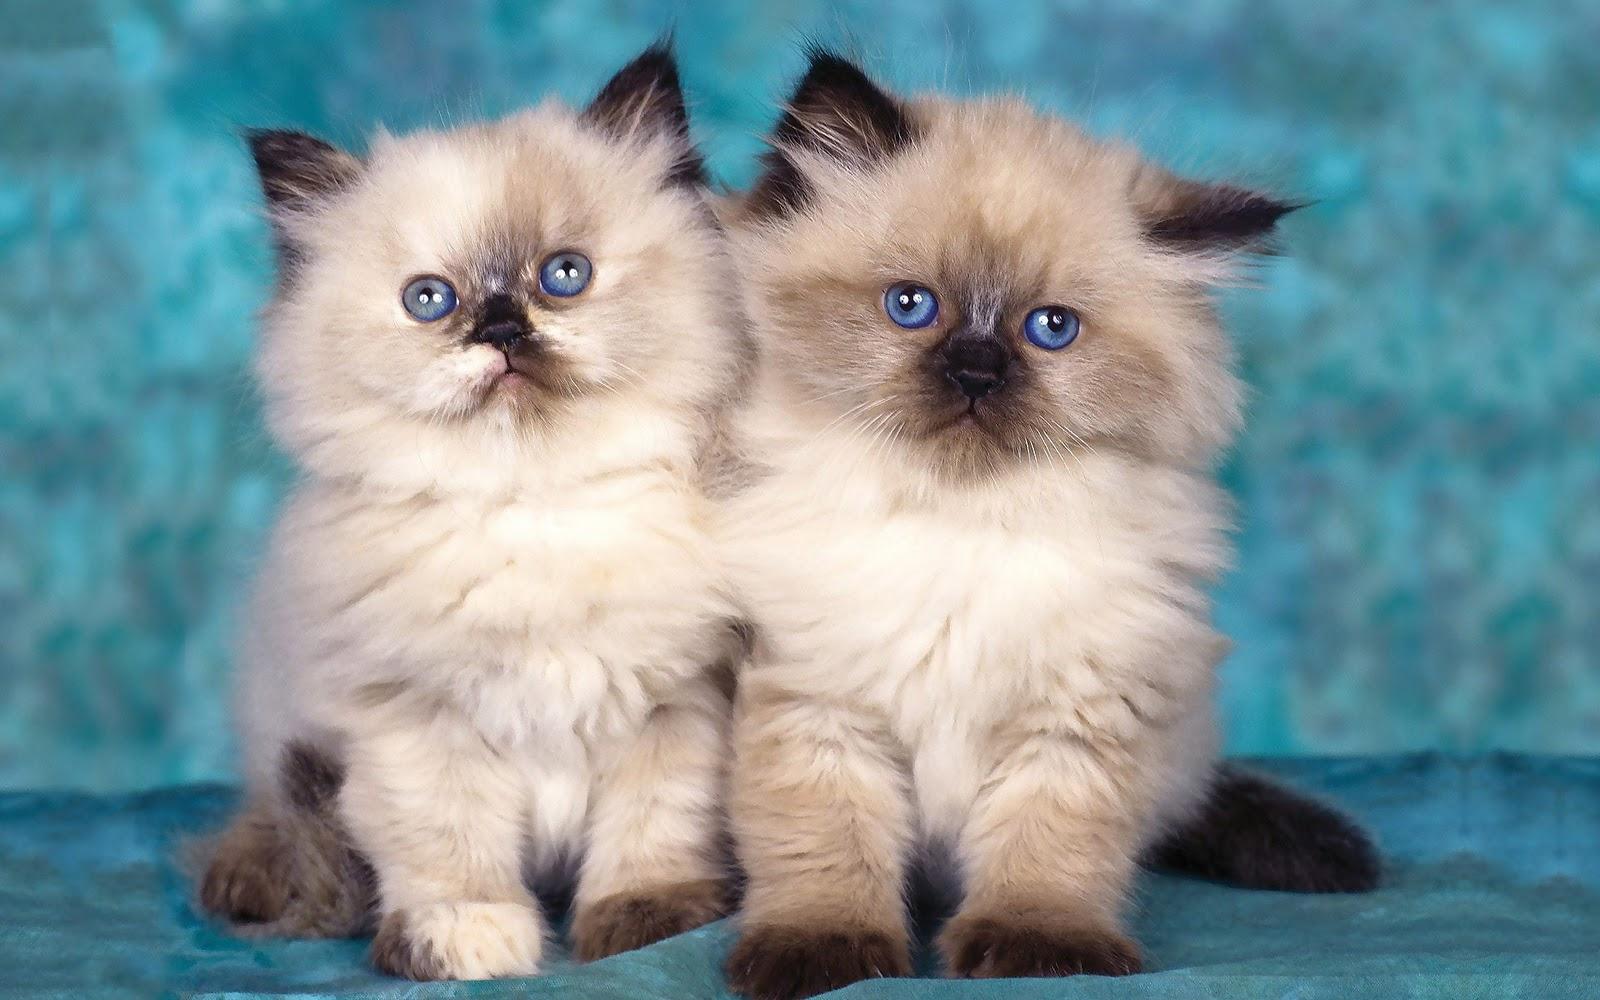 Cute Twins Baby Hd Wallpaper Kitten Achtergronden Hd Wallpapers